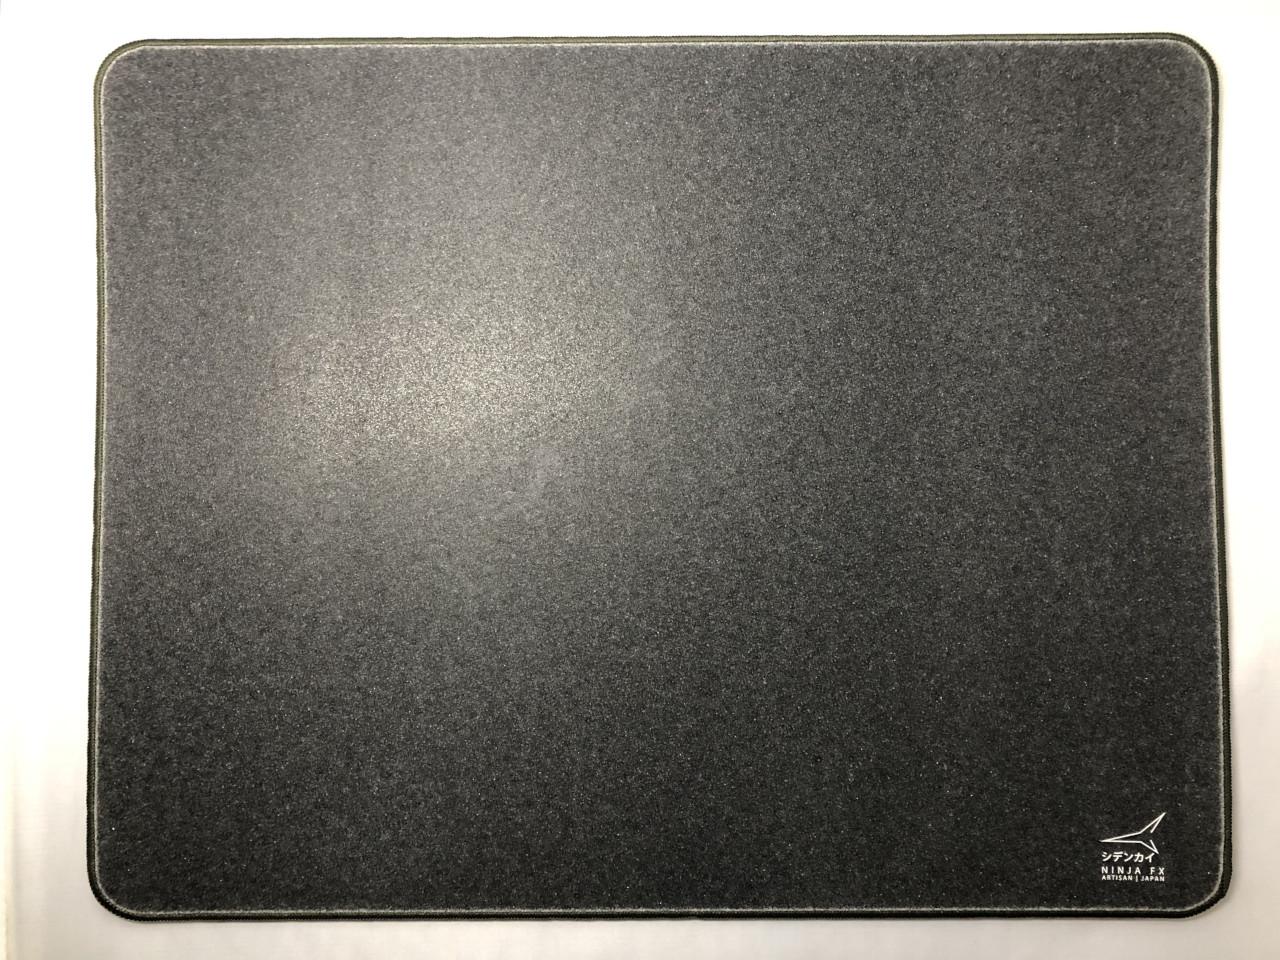 紫電改(シデンカイ)-表面の質感比較